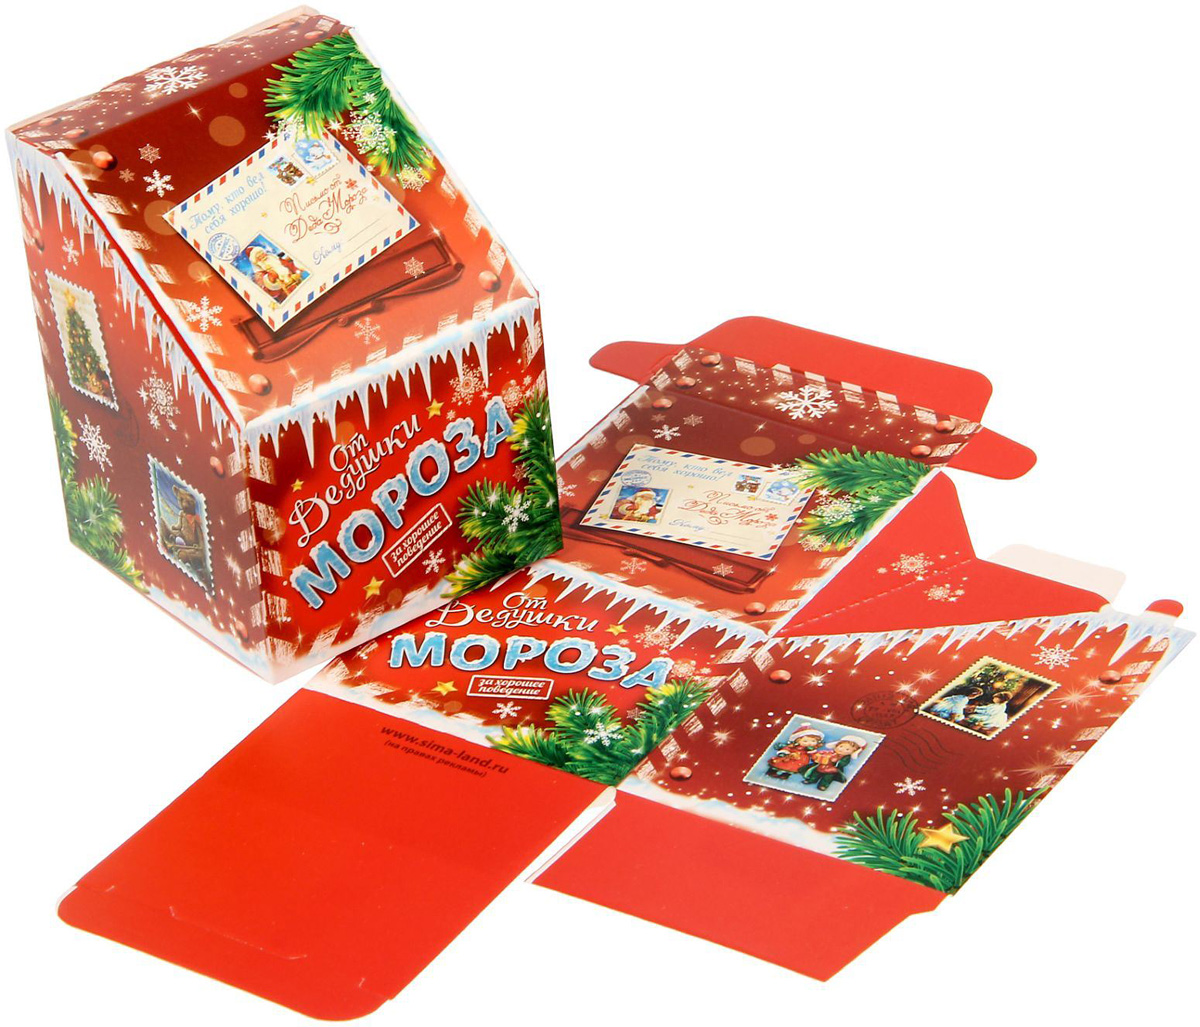 Коробка сборная фигурная Sima-land Новогодний экспресс, 7 х 9,5 х 7 см sima land свеча с мишкой с днем рождения 7 4 5 х 7 см 1003758